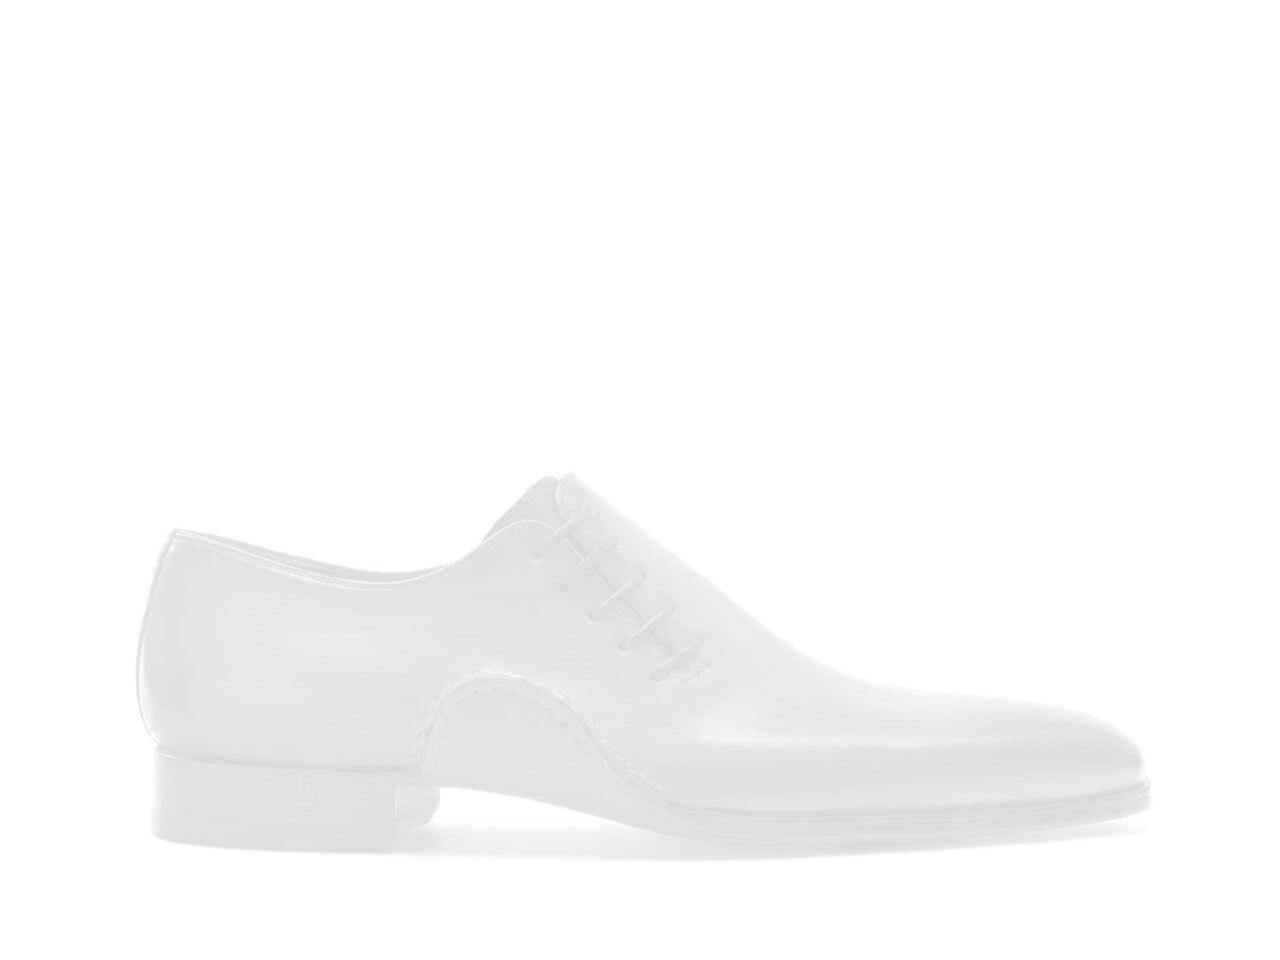 Pair of the Magnanni Merino Grey Men's Sneakers